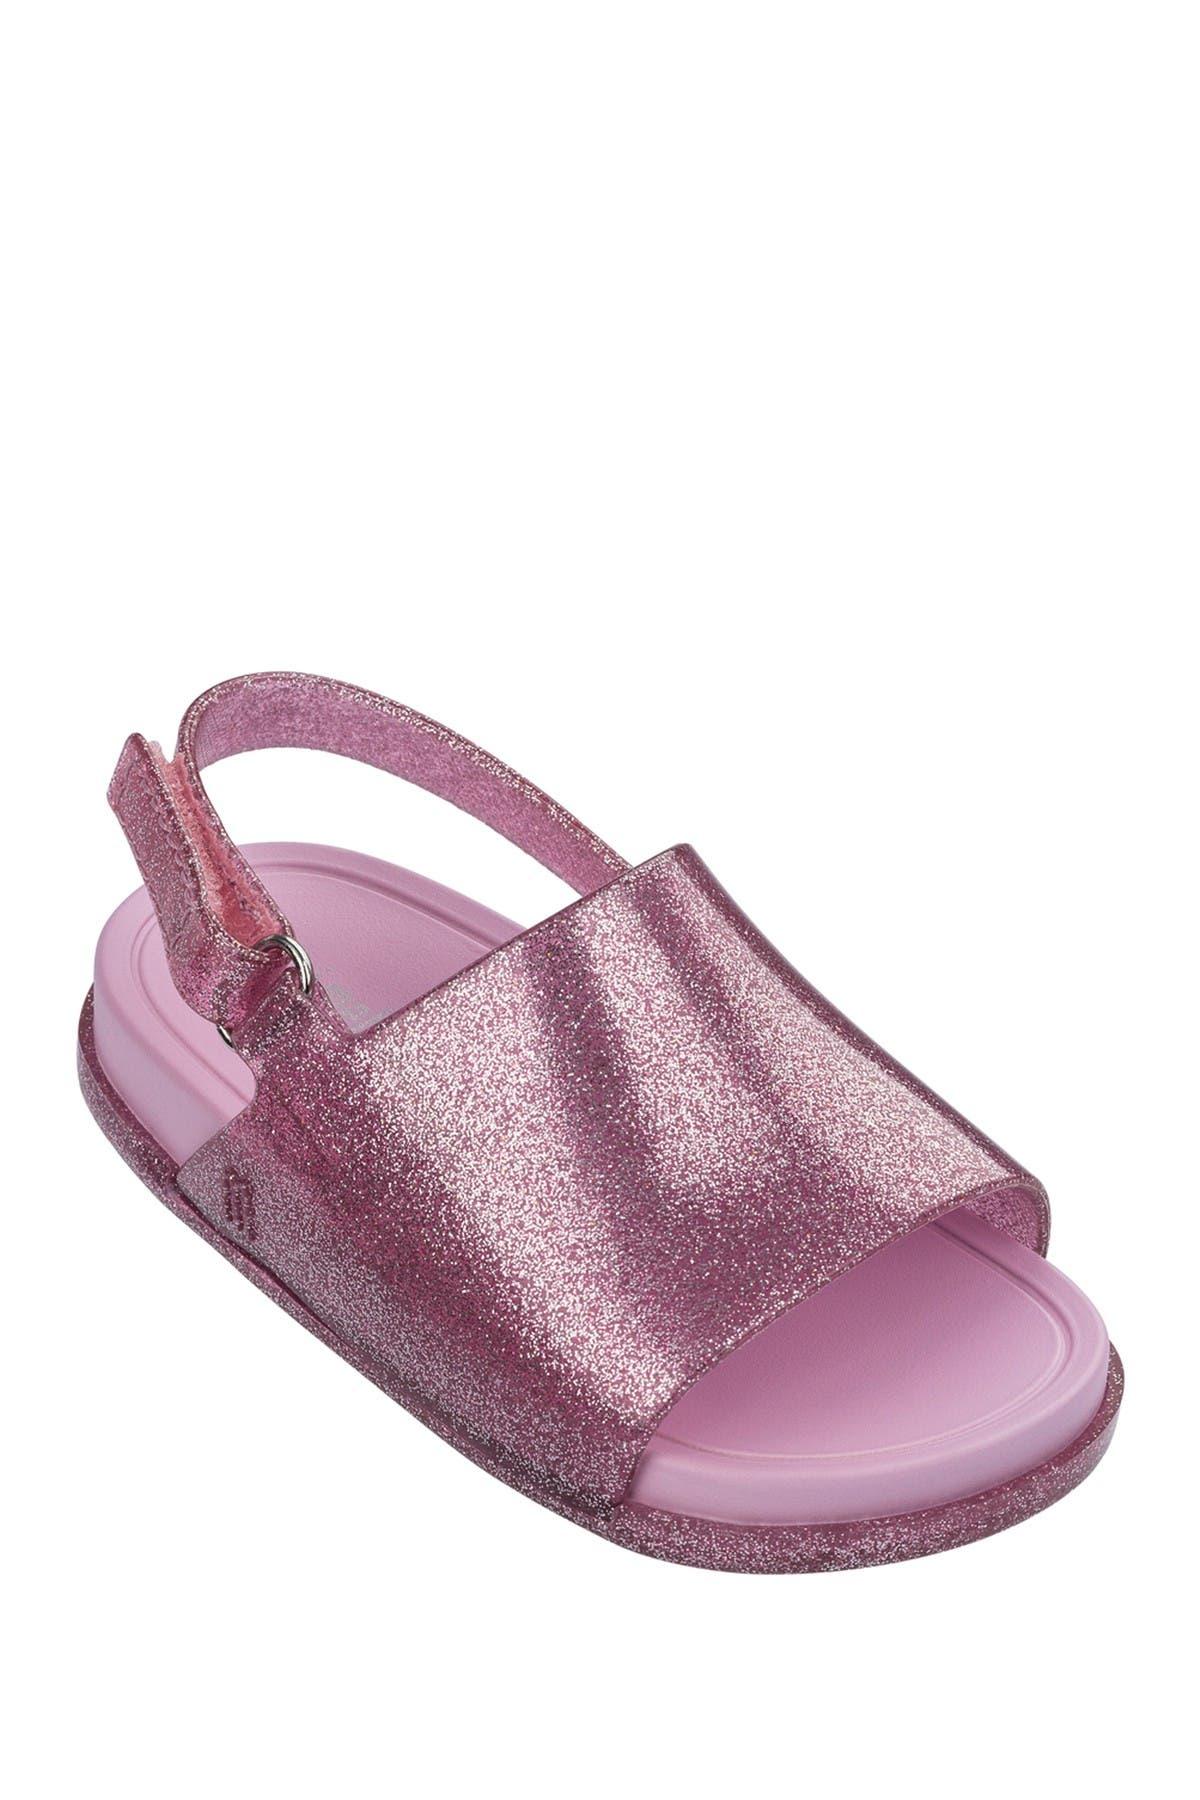 Image of Mini Melissa Mini Beach Slide Sandal